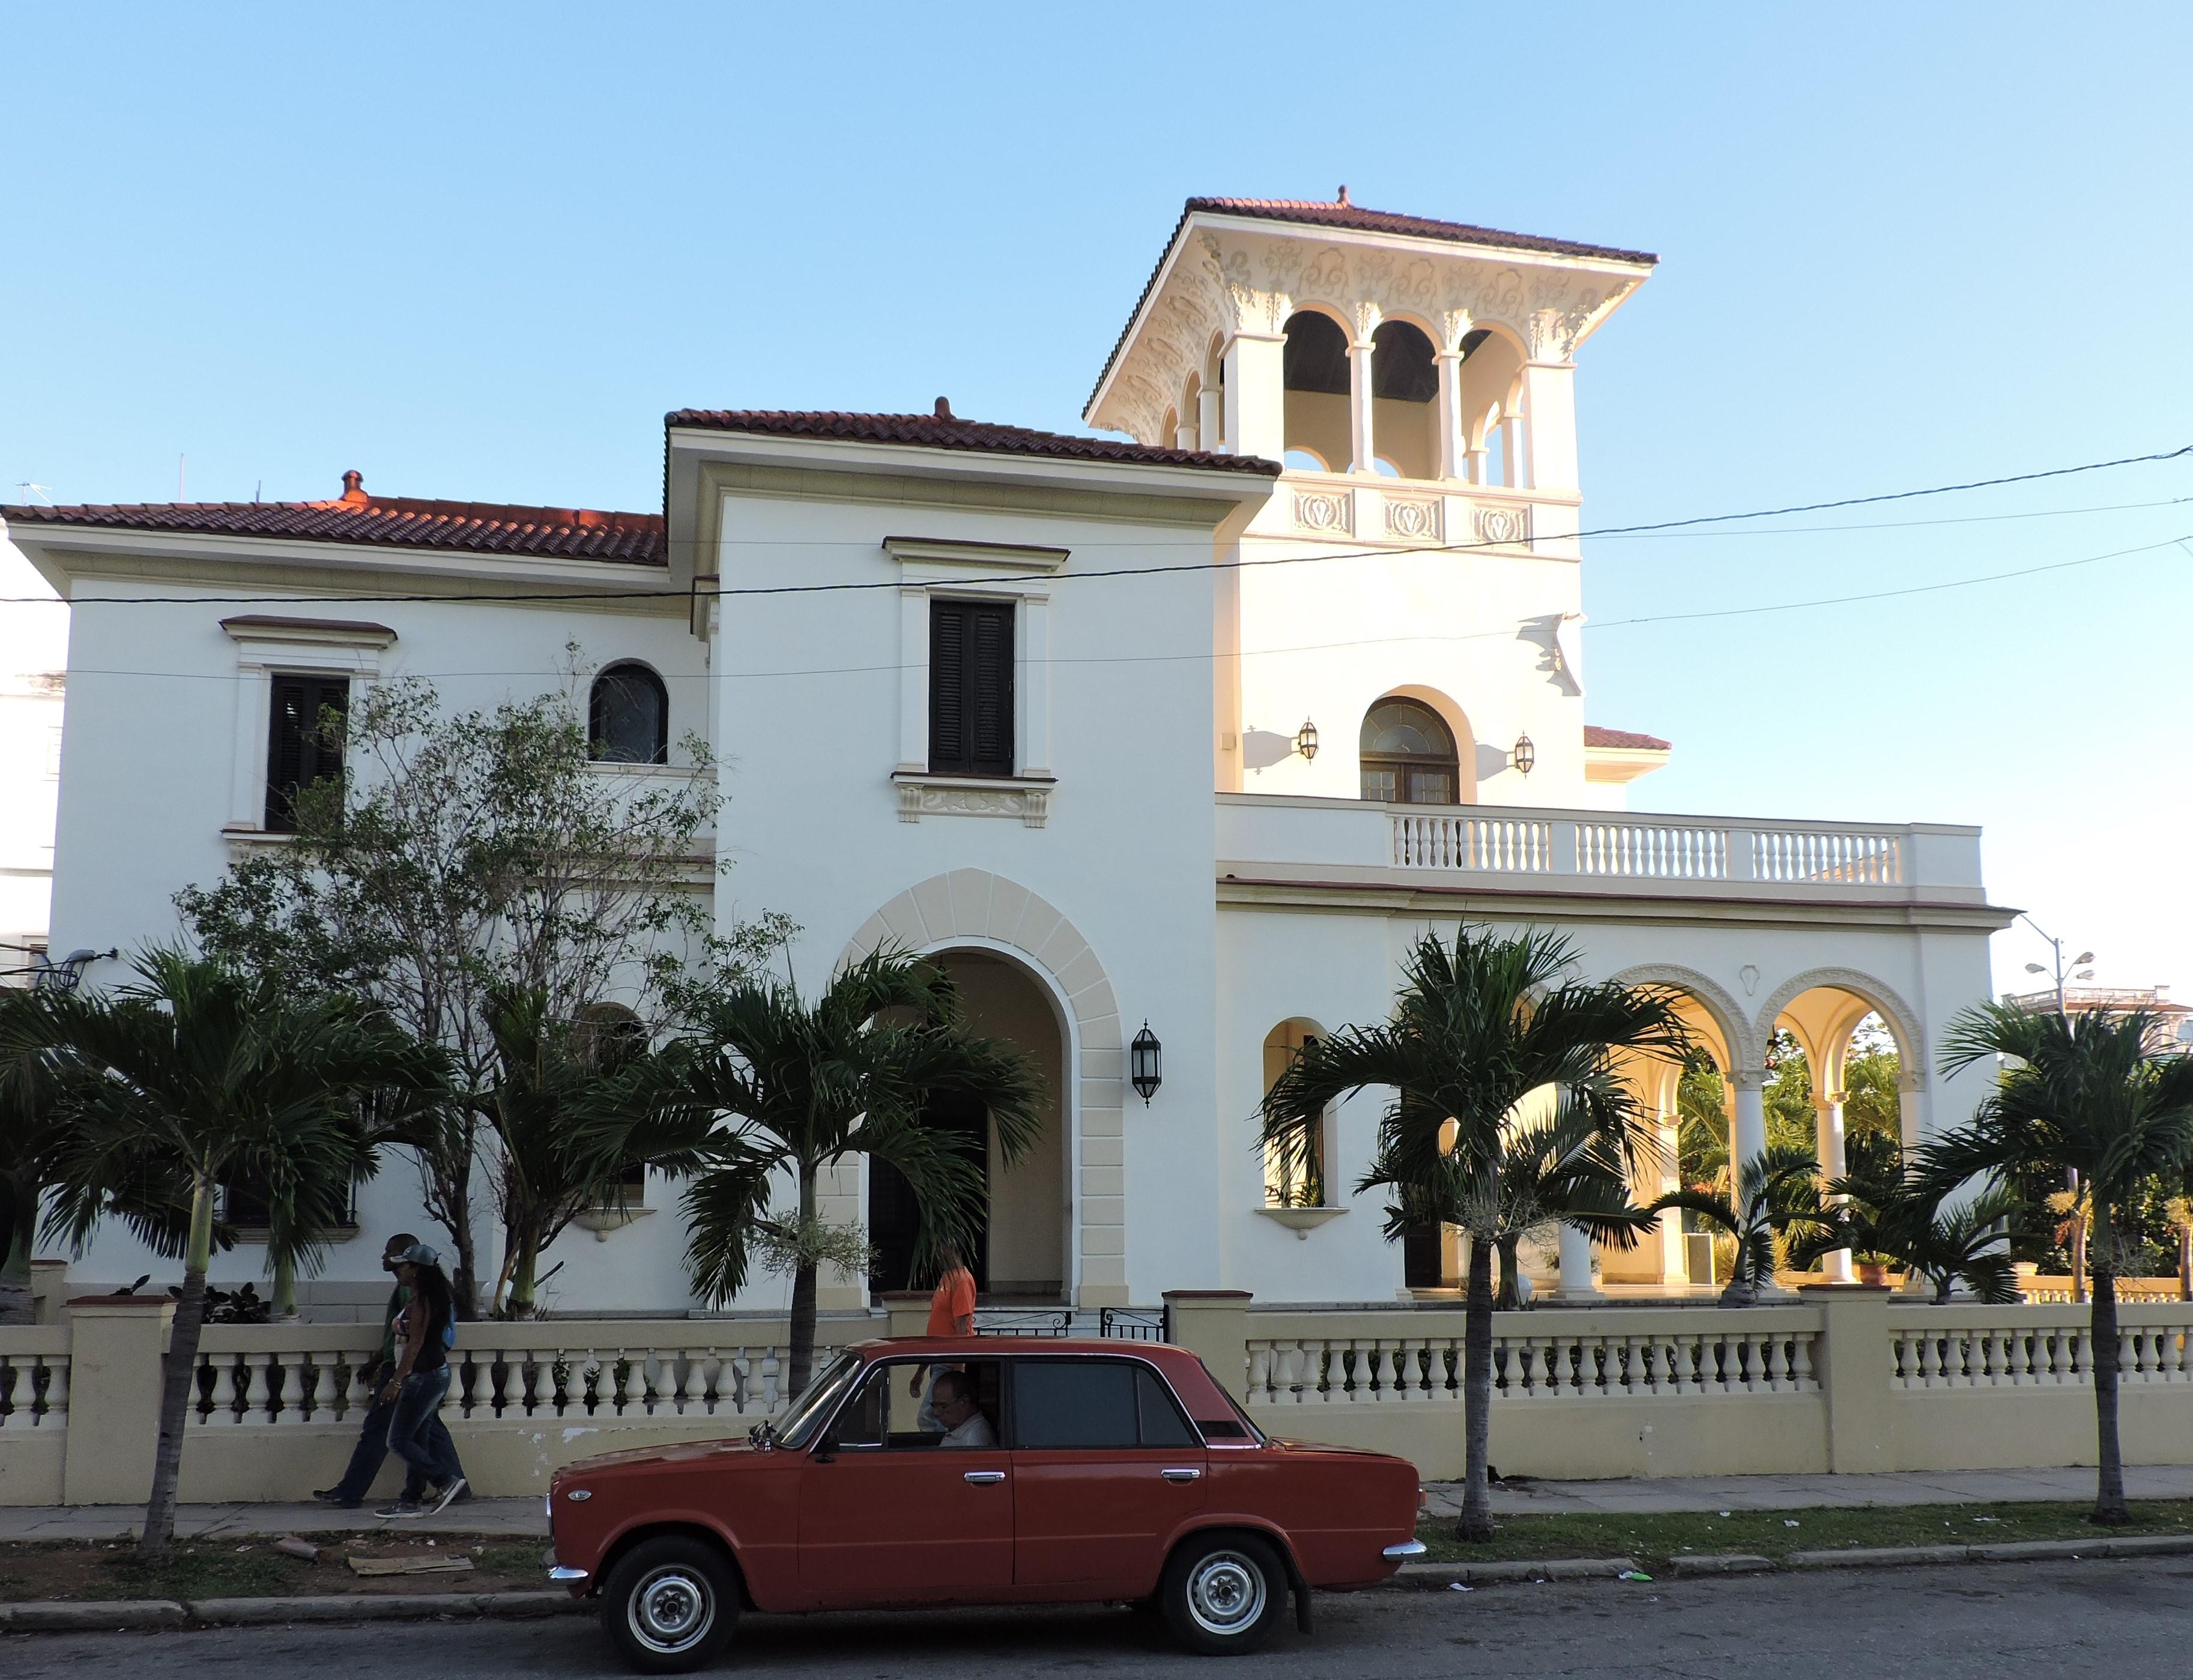 Kubacuba architektur häuser in havanna 2016 fotoserie stadtviertel der hauptstadt in denen interessante gebäude dieser art häufig sind werden bisher